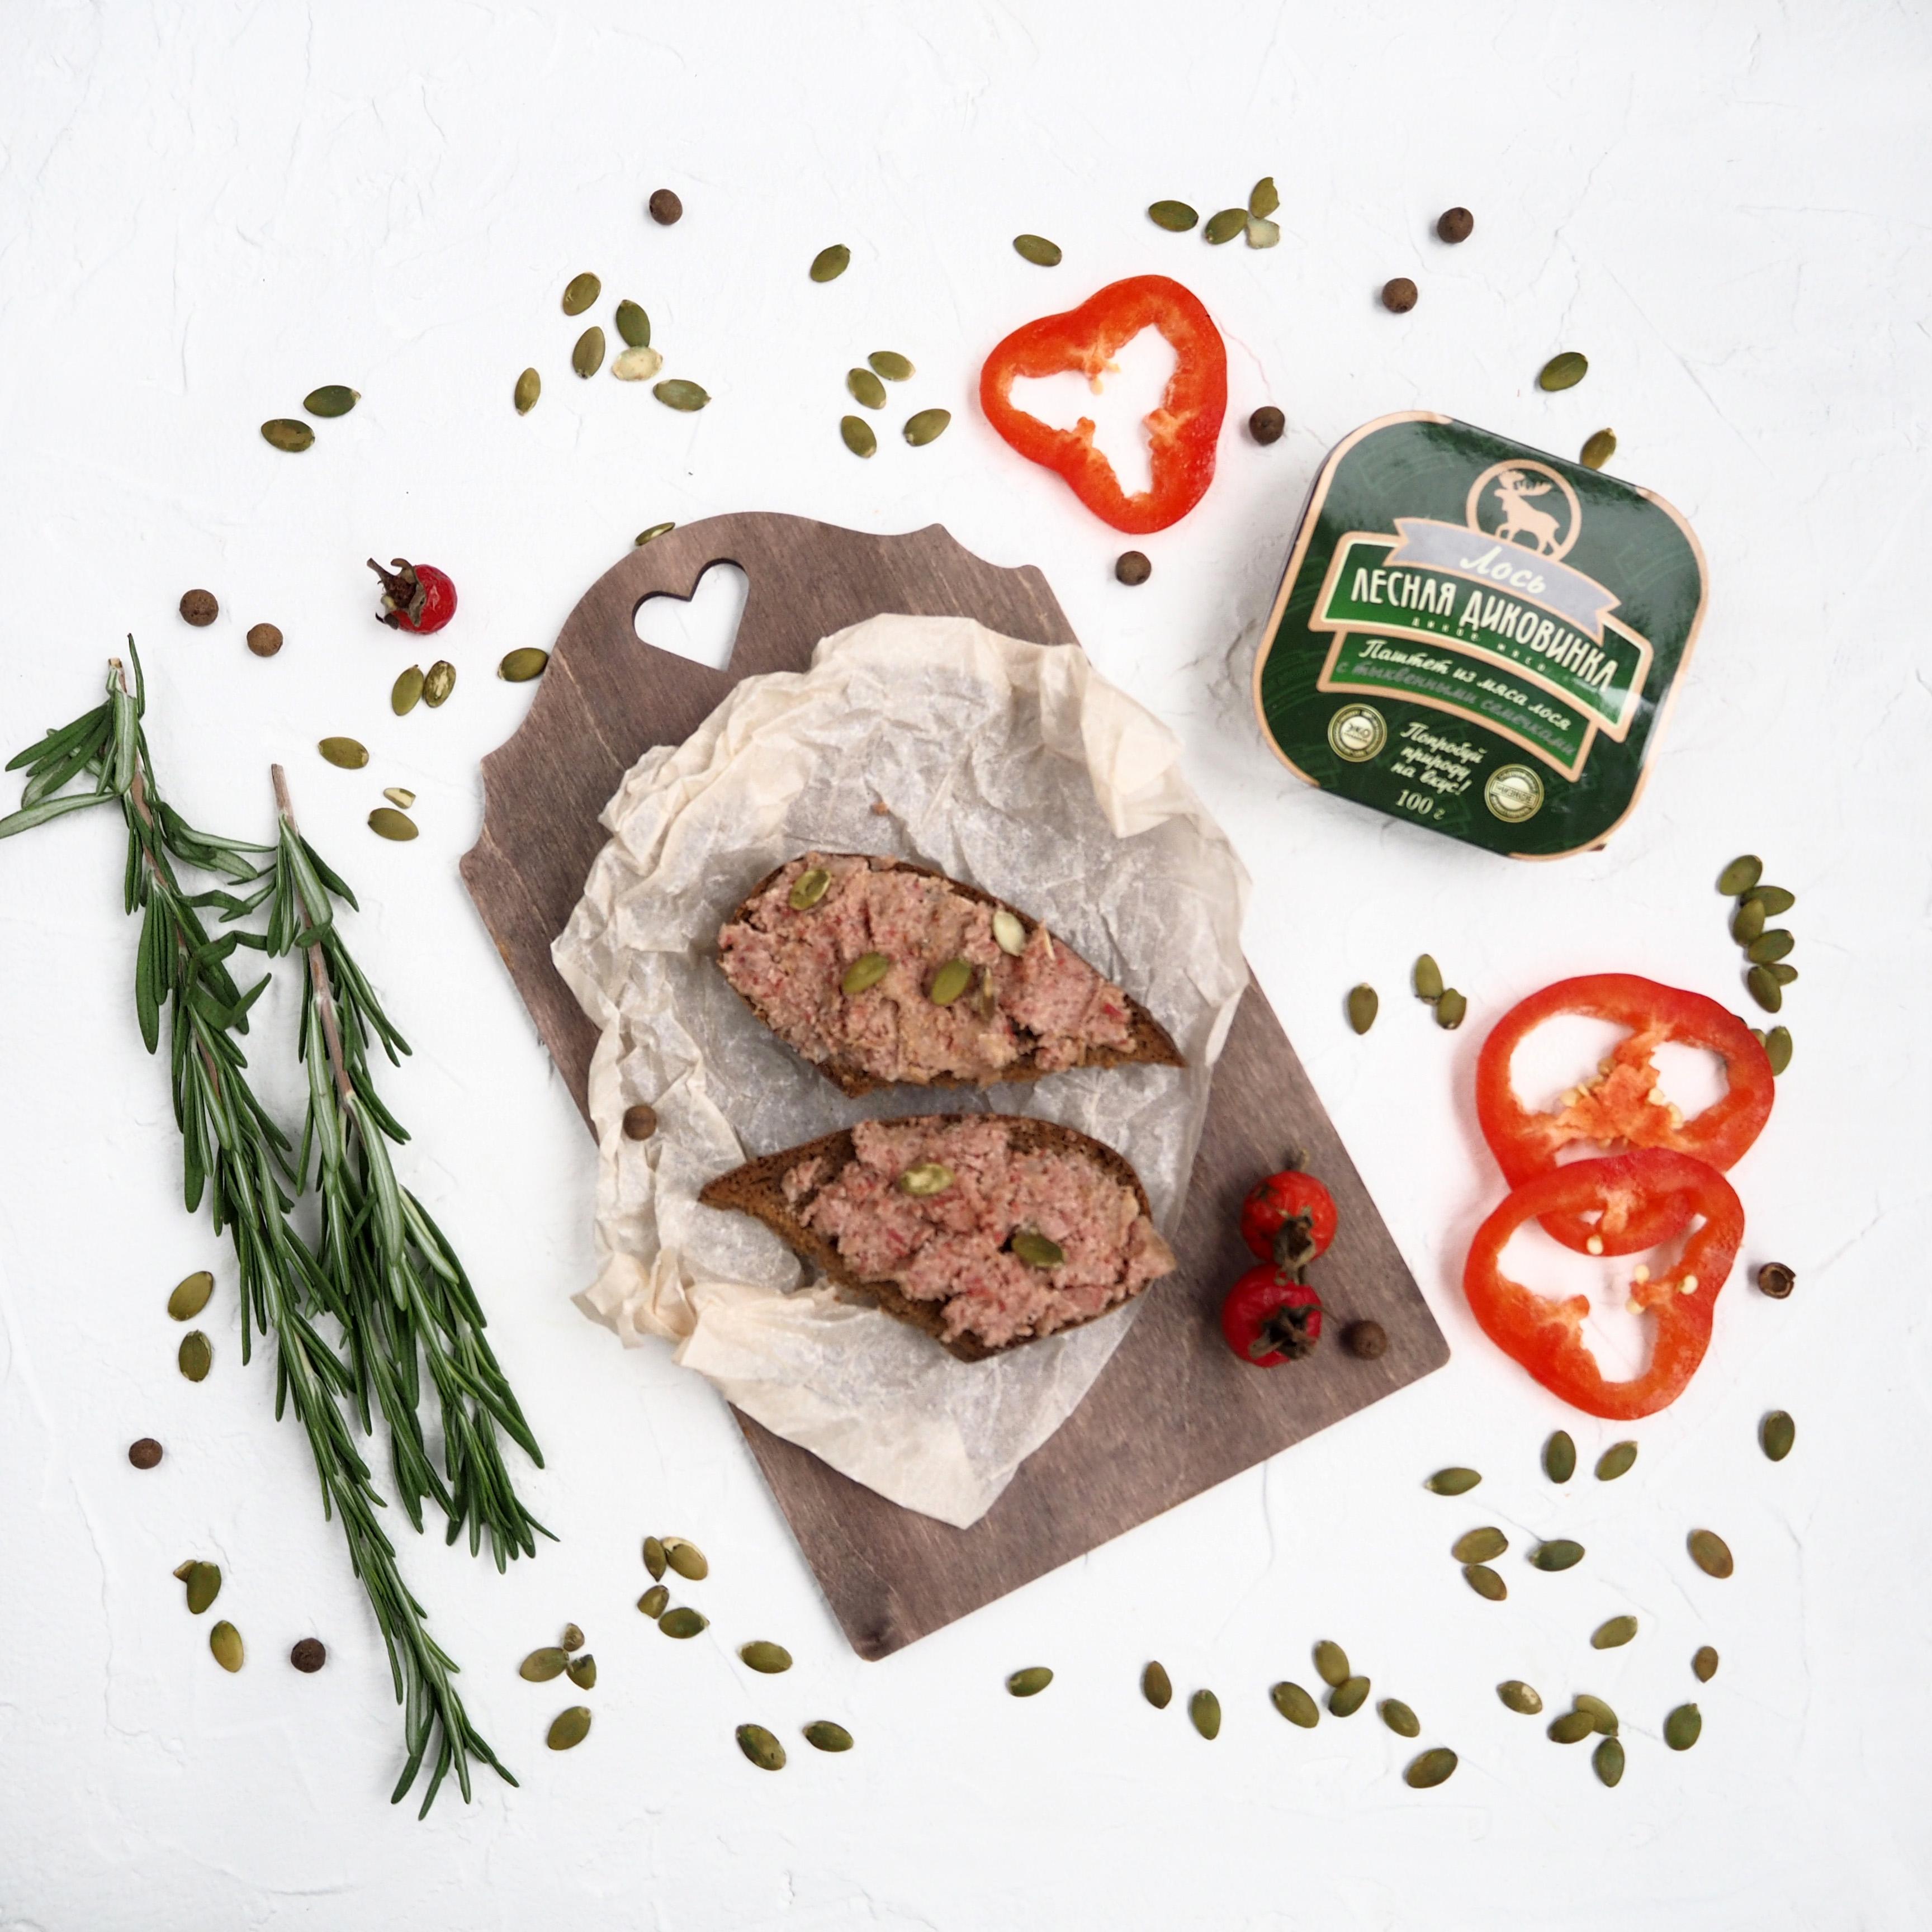 Паштет из мяса лося с тыквенными семечками (1 шт., 200 г)